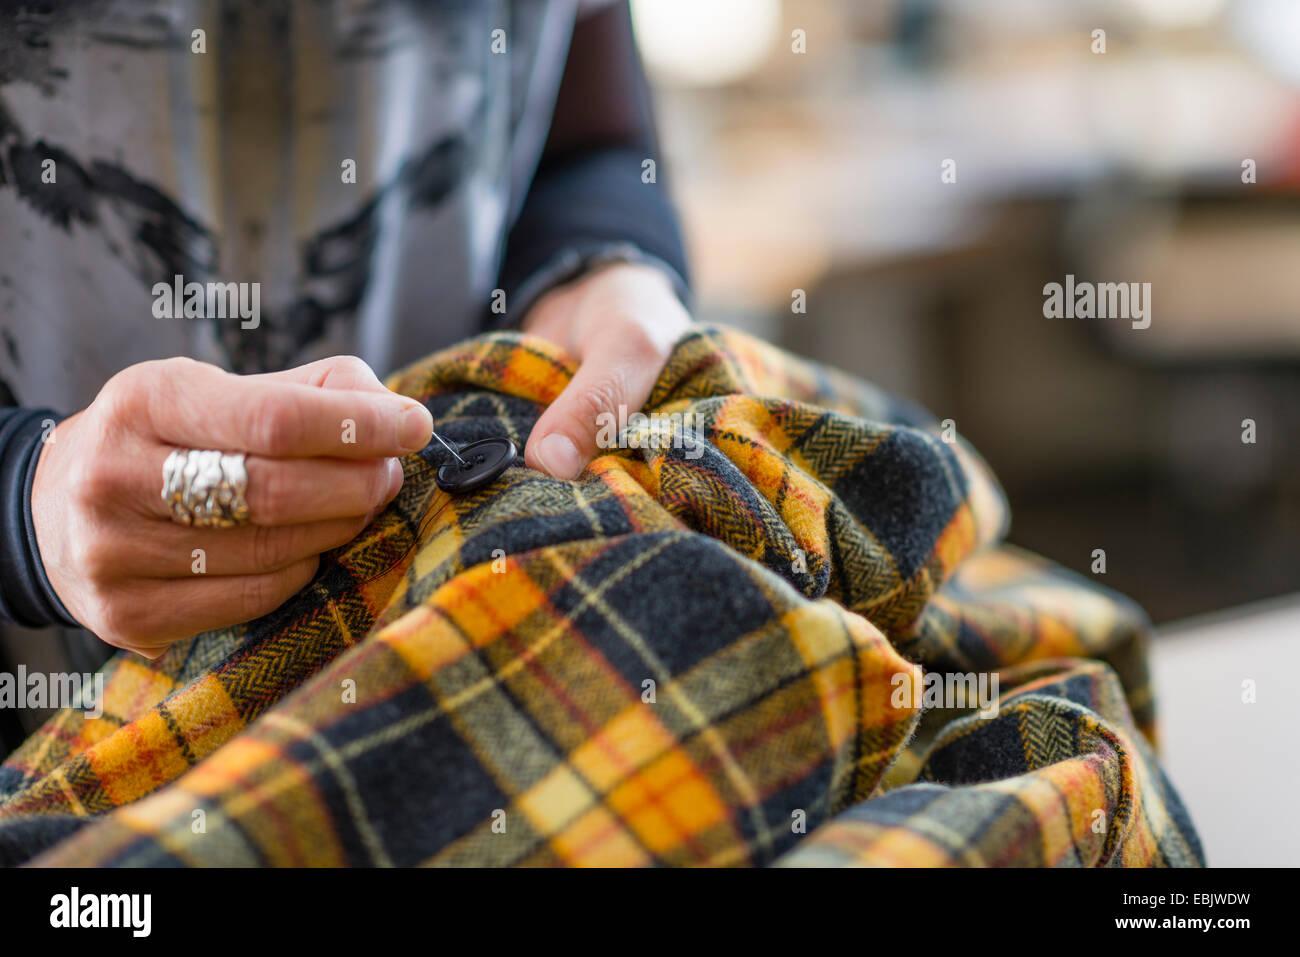 Schneiderin Nähen Taste auf Tartan Jacke in Werkstatt hautnah Stockbild